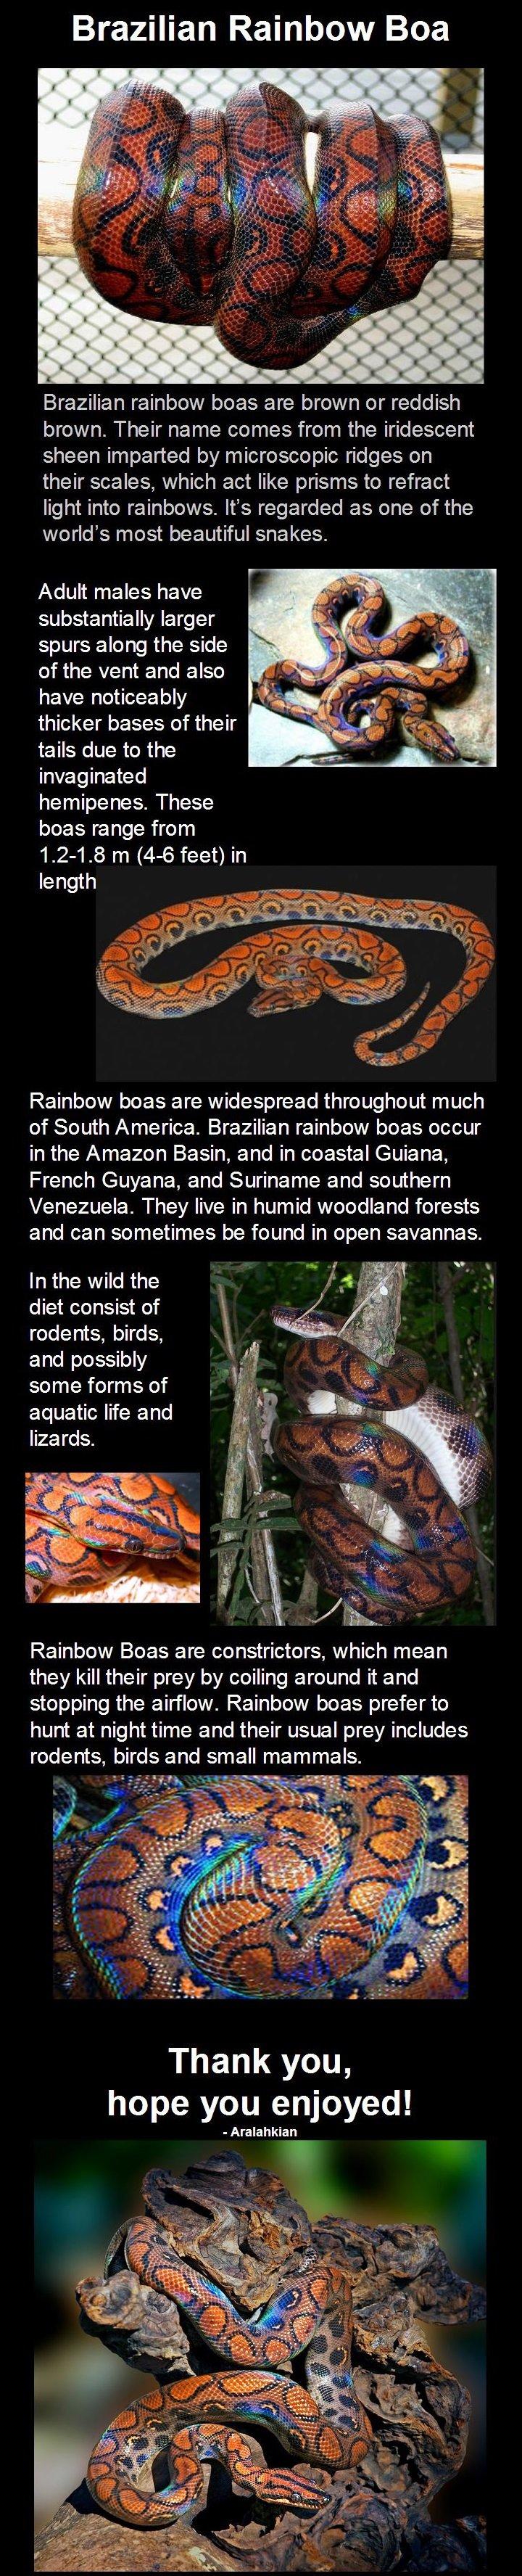 Rainbow Boa. Black mamba: /Black+Mamba/funny-pictures/5048883/ Spiny bush viper: /Spiny+Bush+Viper/funny-pictures/5052494/ King cobra: /King+Cobra+corrected/fun Rainbow Boa Black mamba: /Black+Mamba/funny-pictures/5048883/ Spiny bush viper: /Spiny+Bush+Viper/funny-pictures/5052494/ King cobra: /King+Cobra+corrected/fun